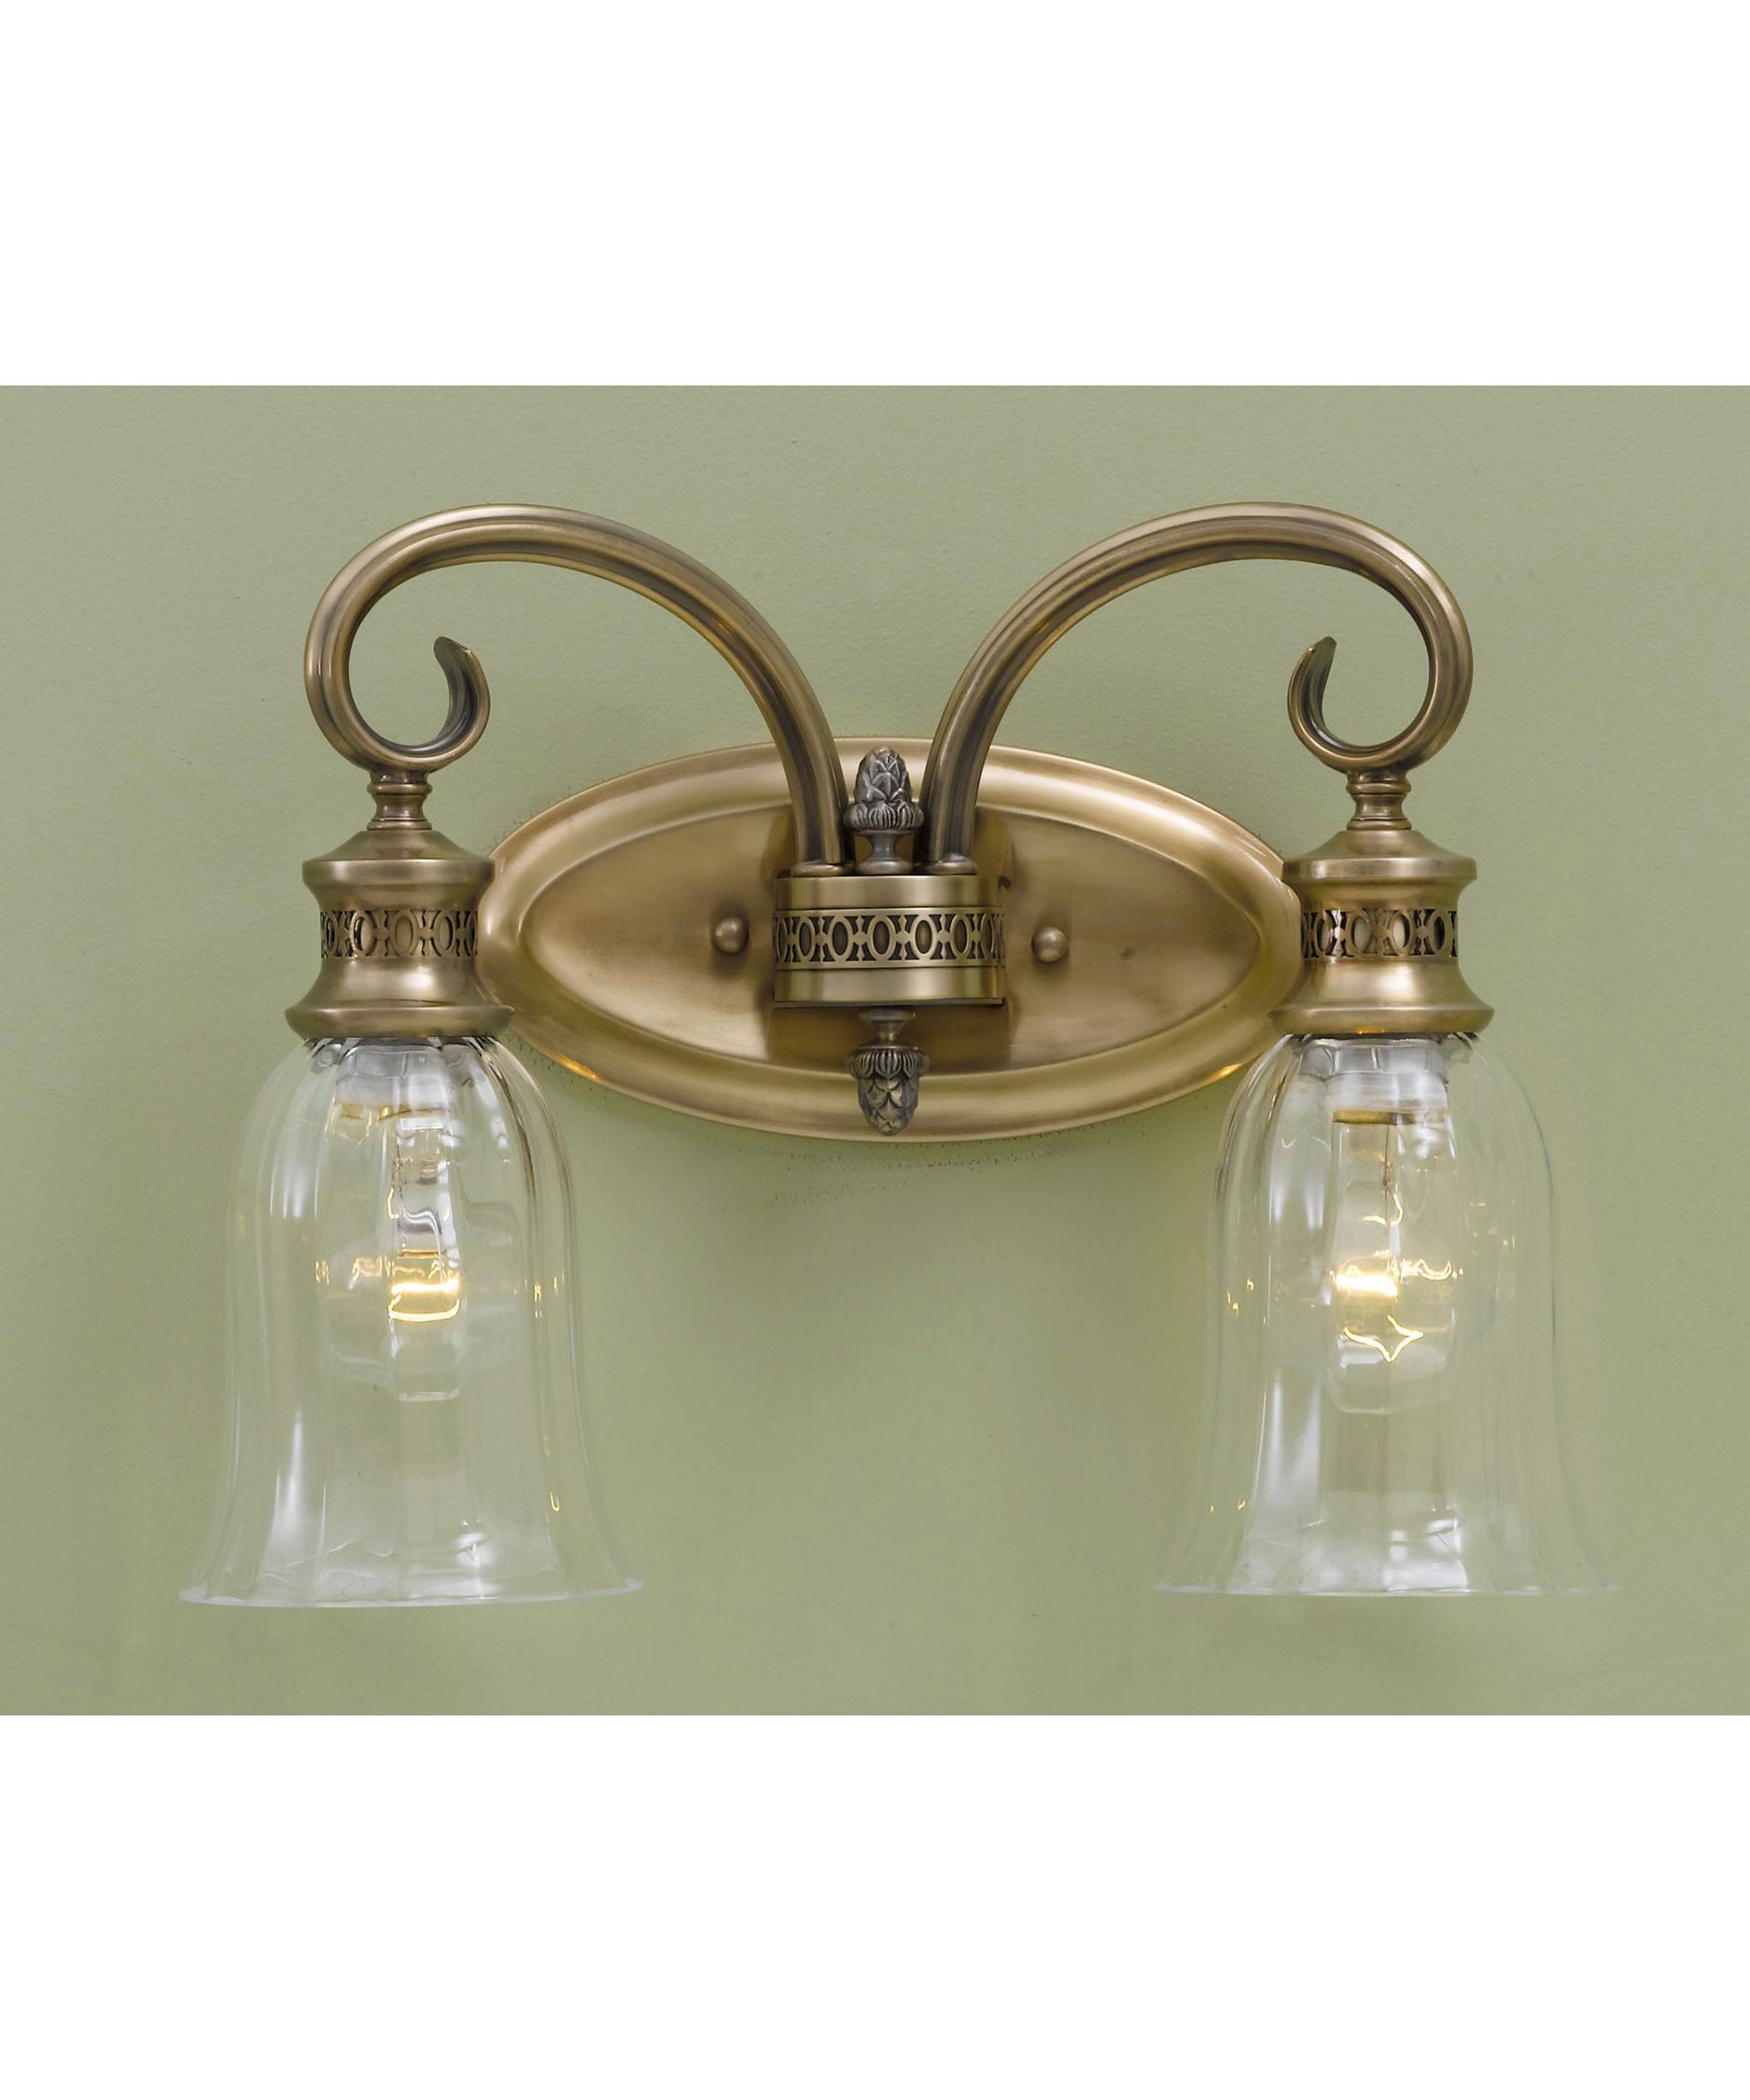 Murray Feiss Bathroom Lighting: Murray Feiss VS13902 Bernadette 14 Inch Bath Vanity Light